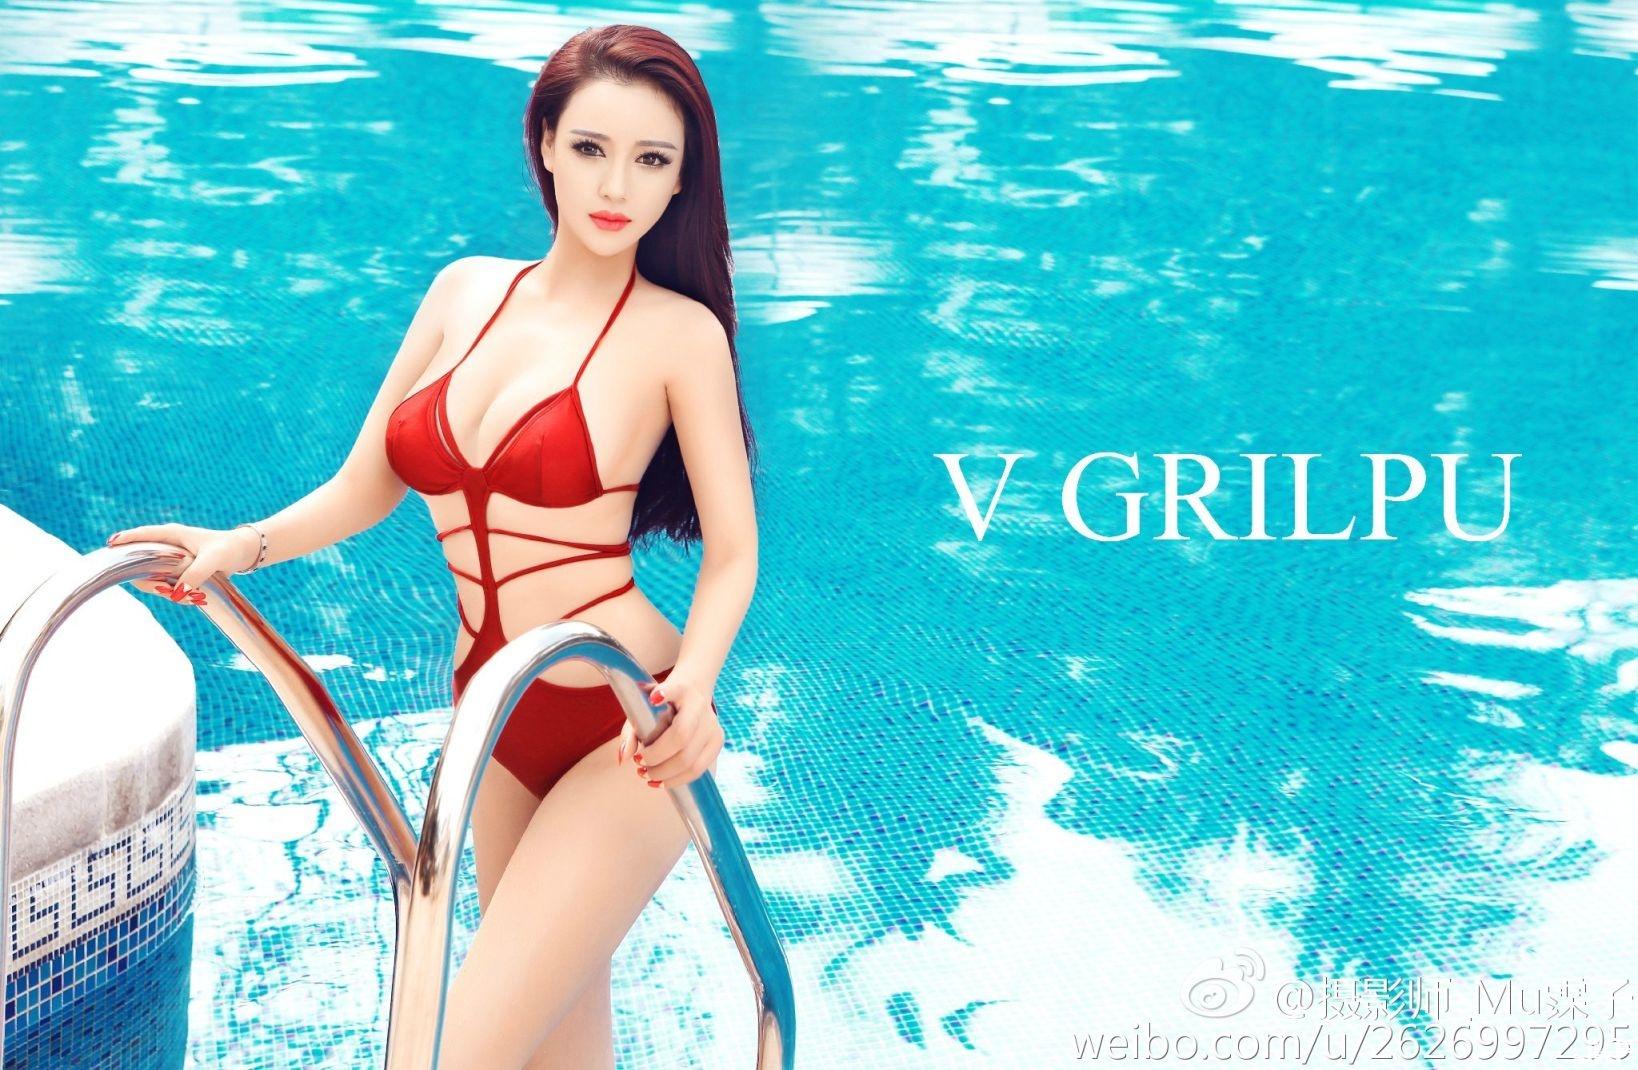 【VGIRLUP系列】攝影工作室作品合集二-2【94P】 - 貼圖 - 絲襪美腿 -